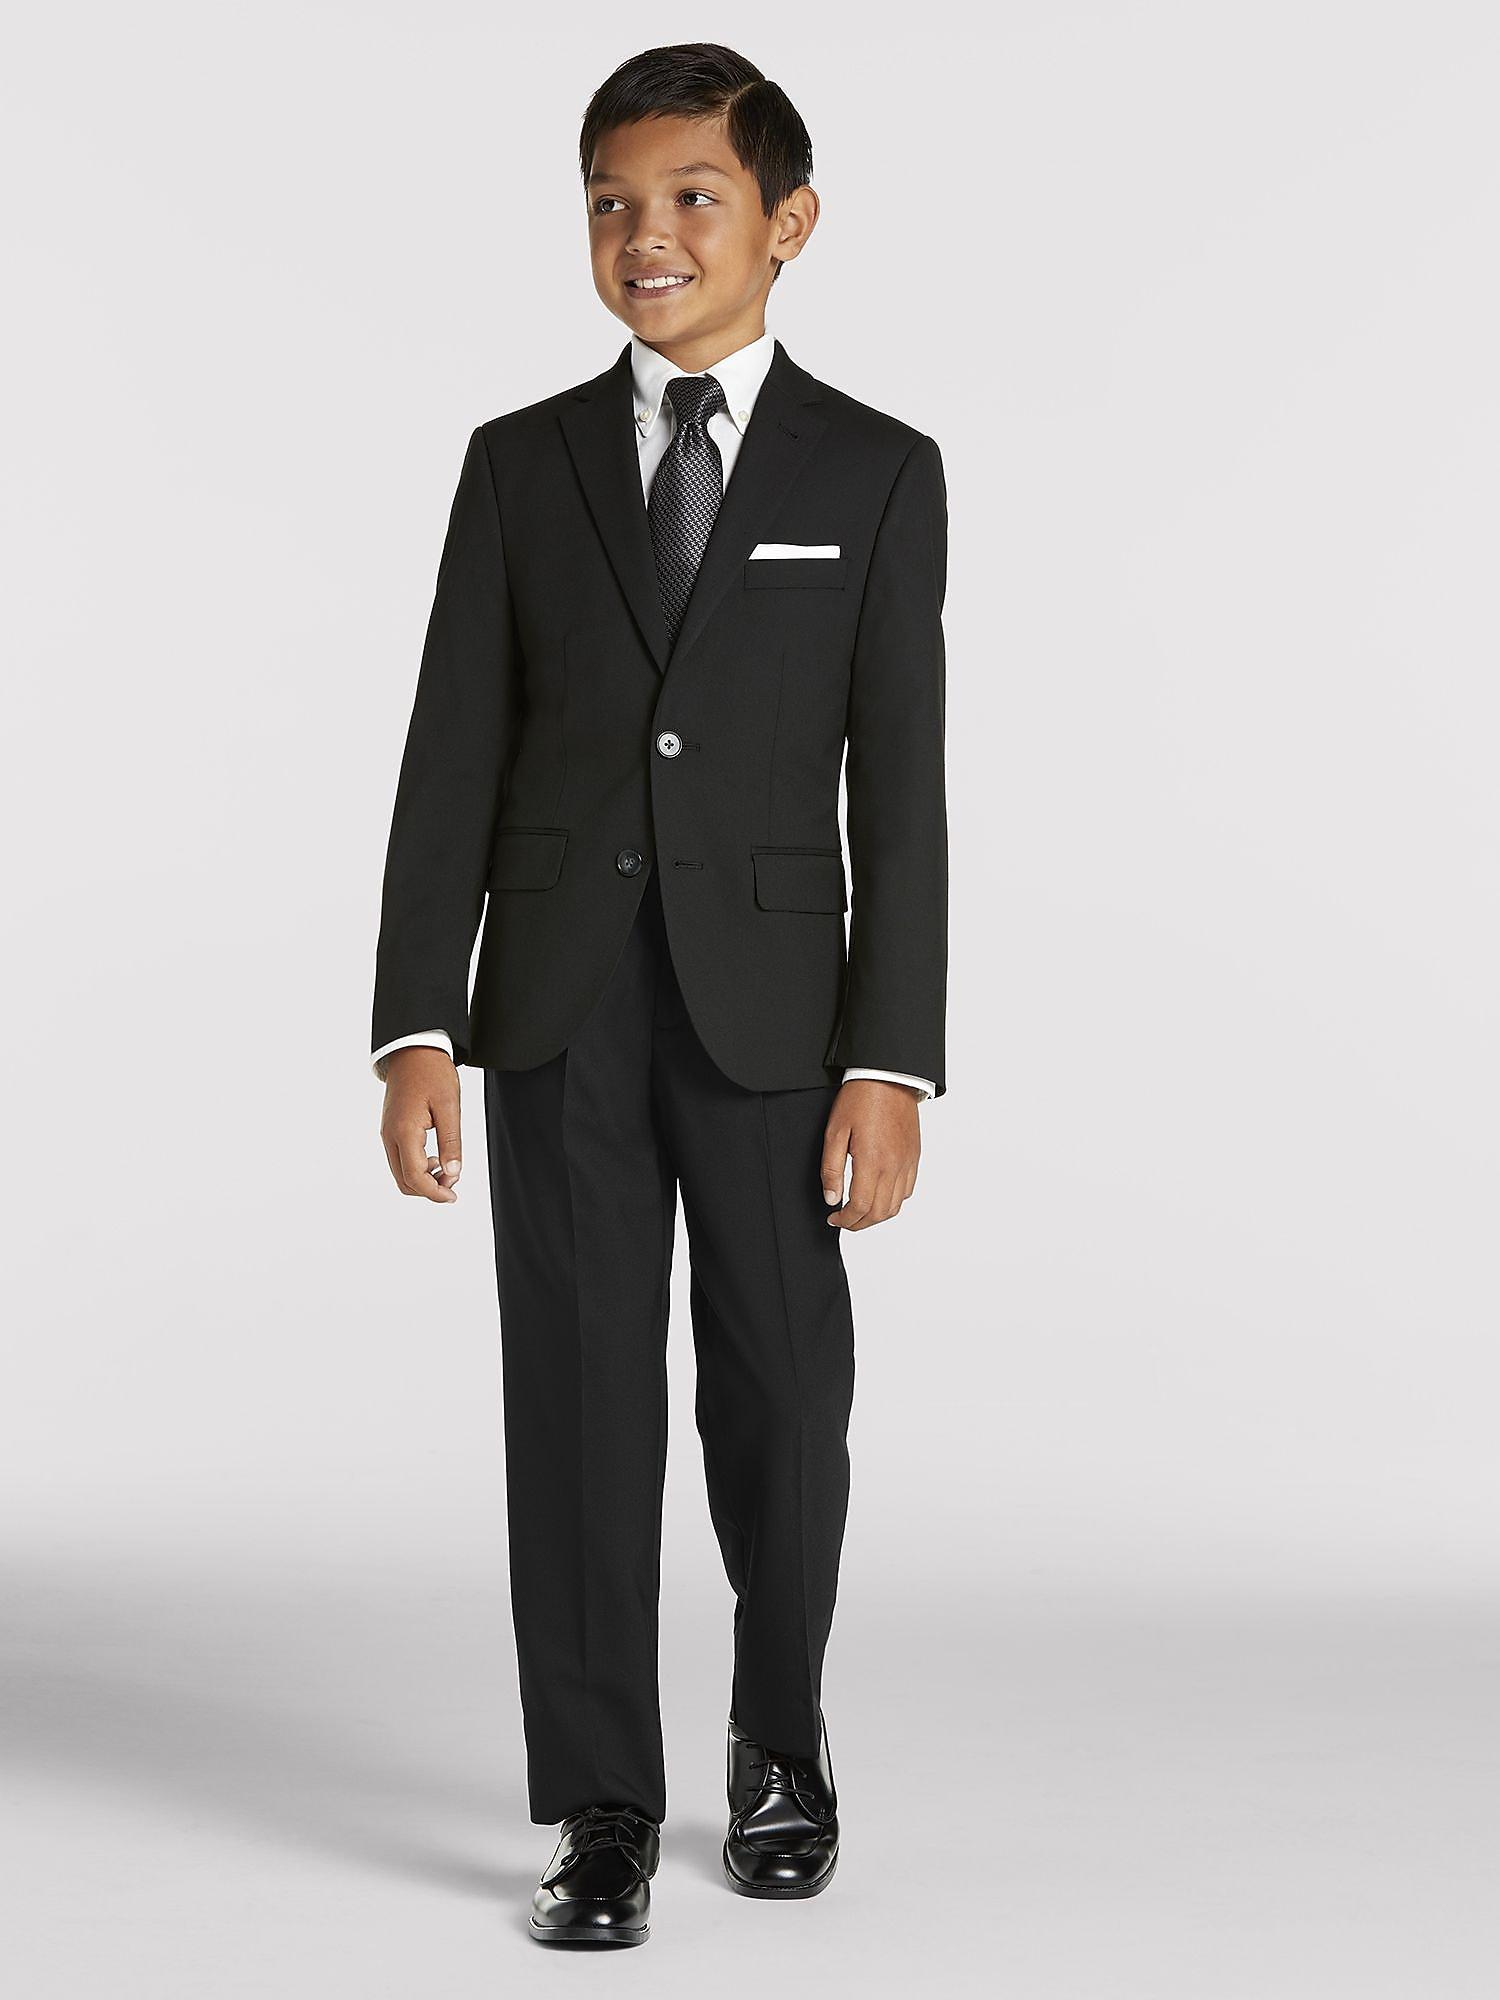 Black Suit Style lSJG